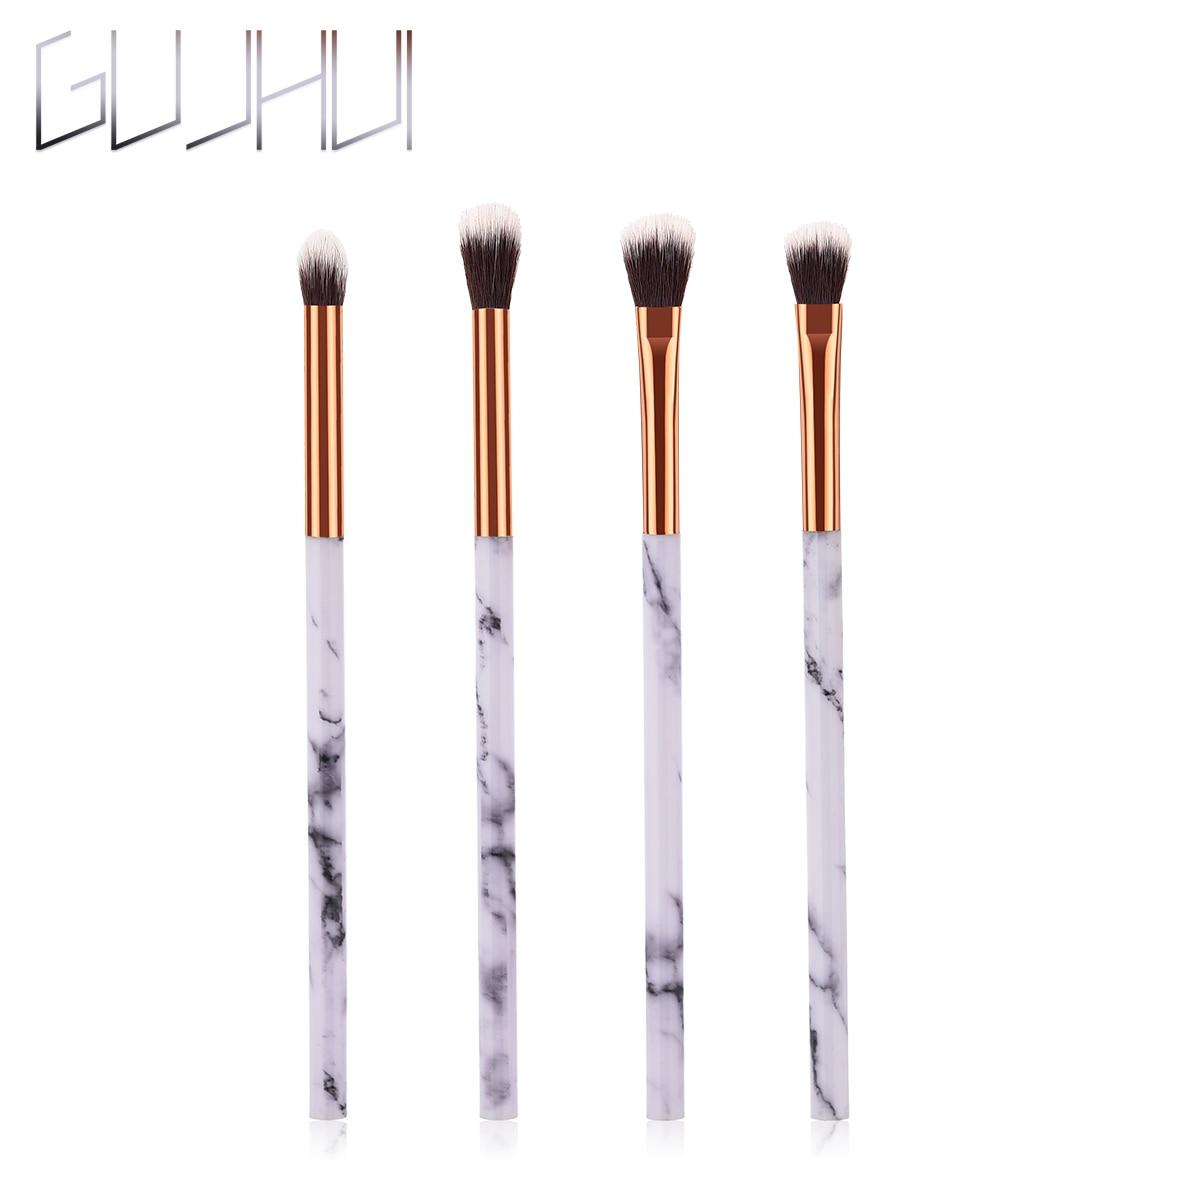 GUJHUI глаз 4 шт./компл. кисти для макияжа с Мрамор текстуры ручка Мода нейлоновые волосы Косметические Инструмент тени для век макияж инструме...